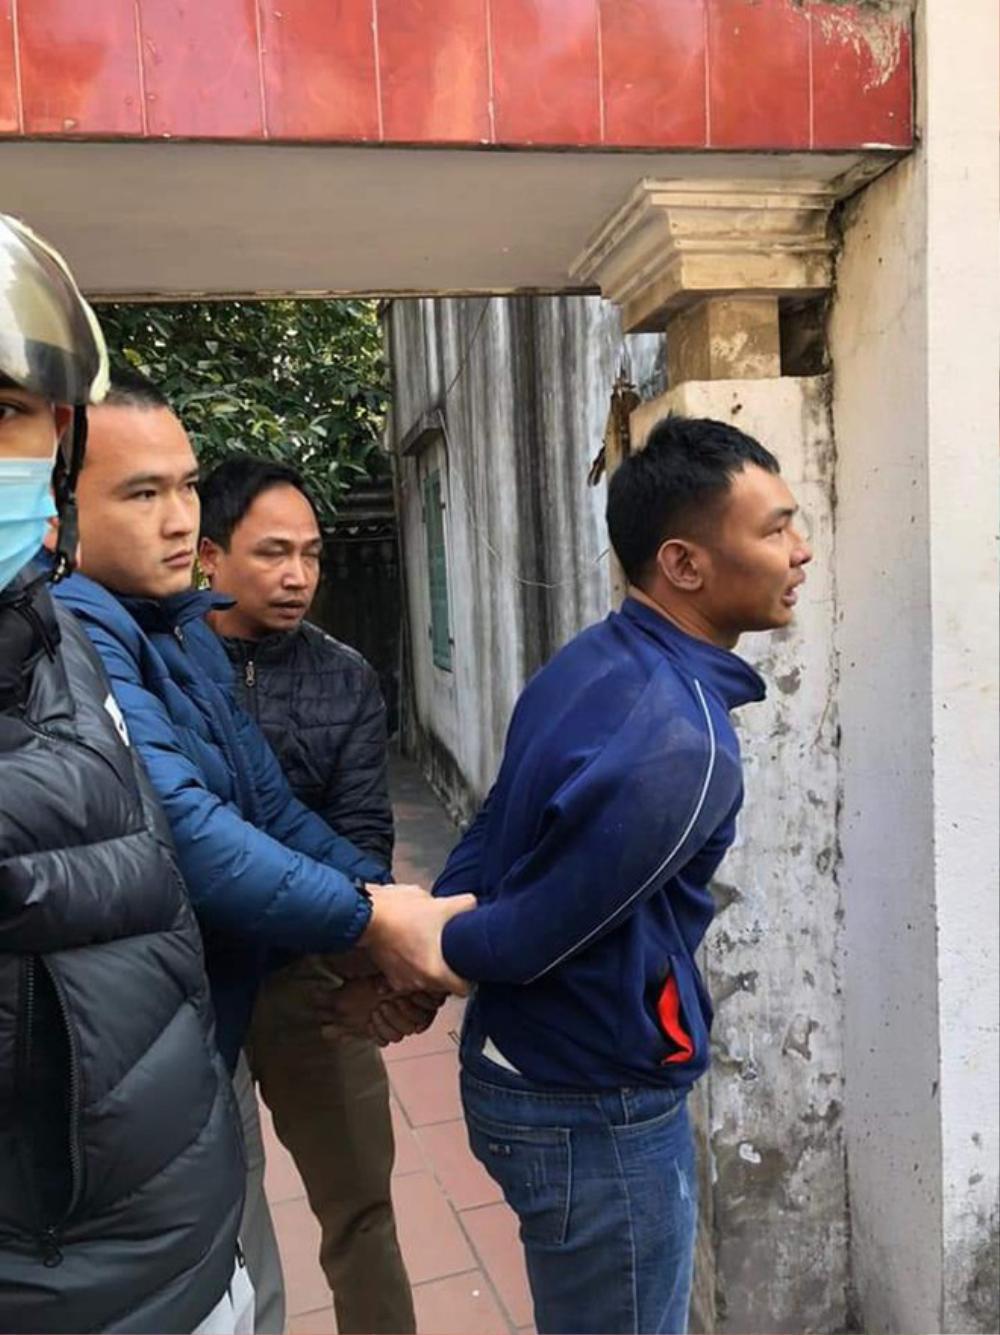 Bắt giữ nam thanh niên cầm dao khống chế nhân viên tiệm vàng cướp 100 triệu đồng Ảnh 2